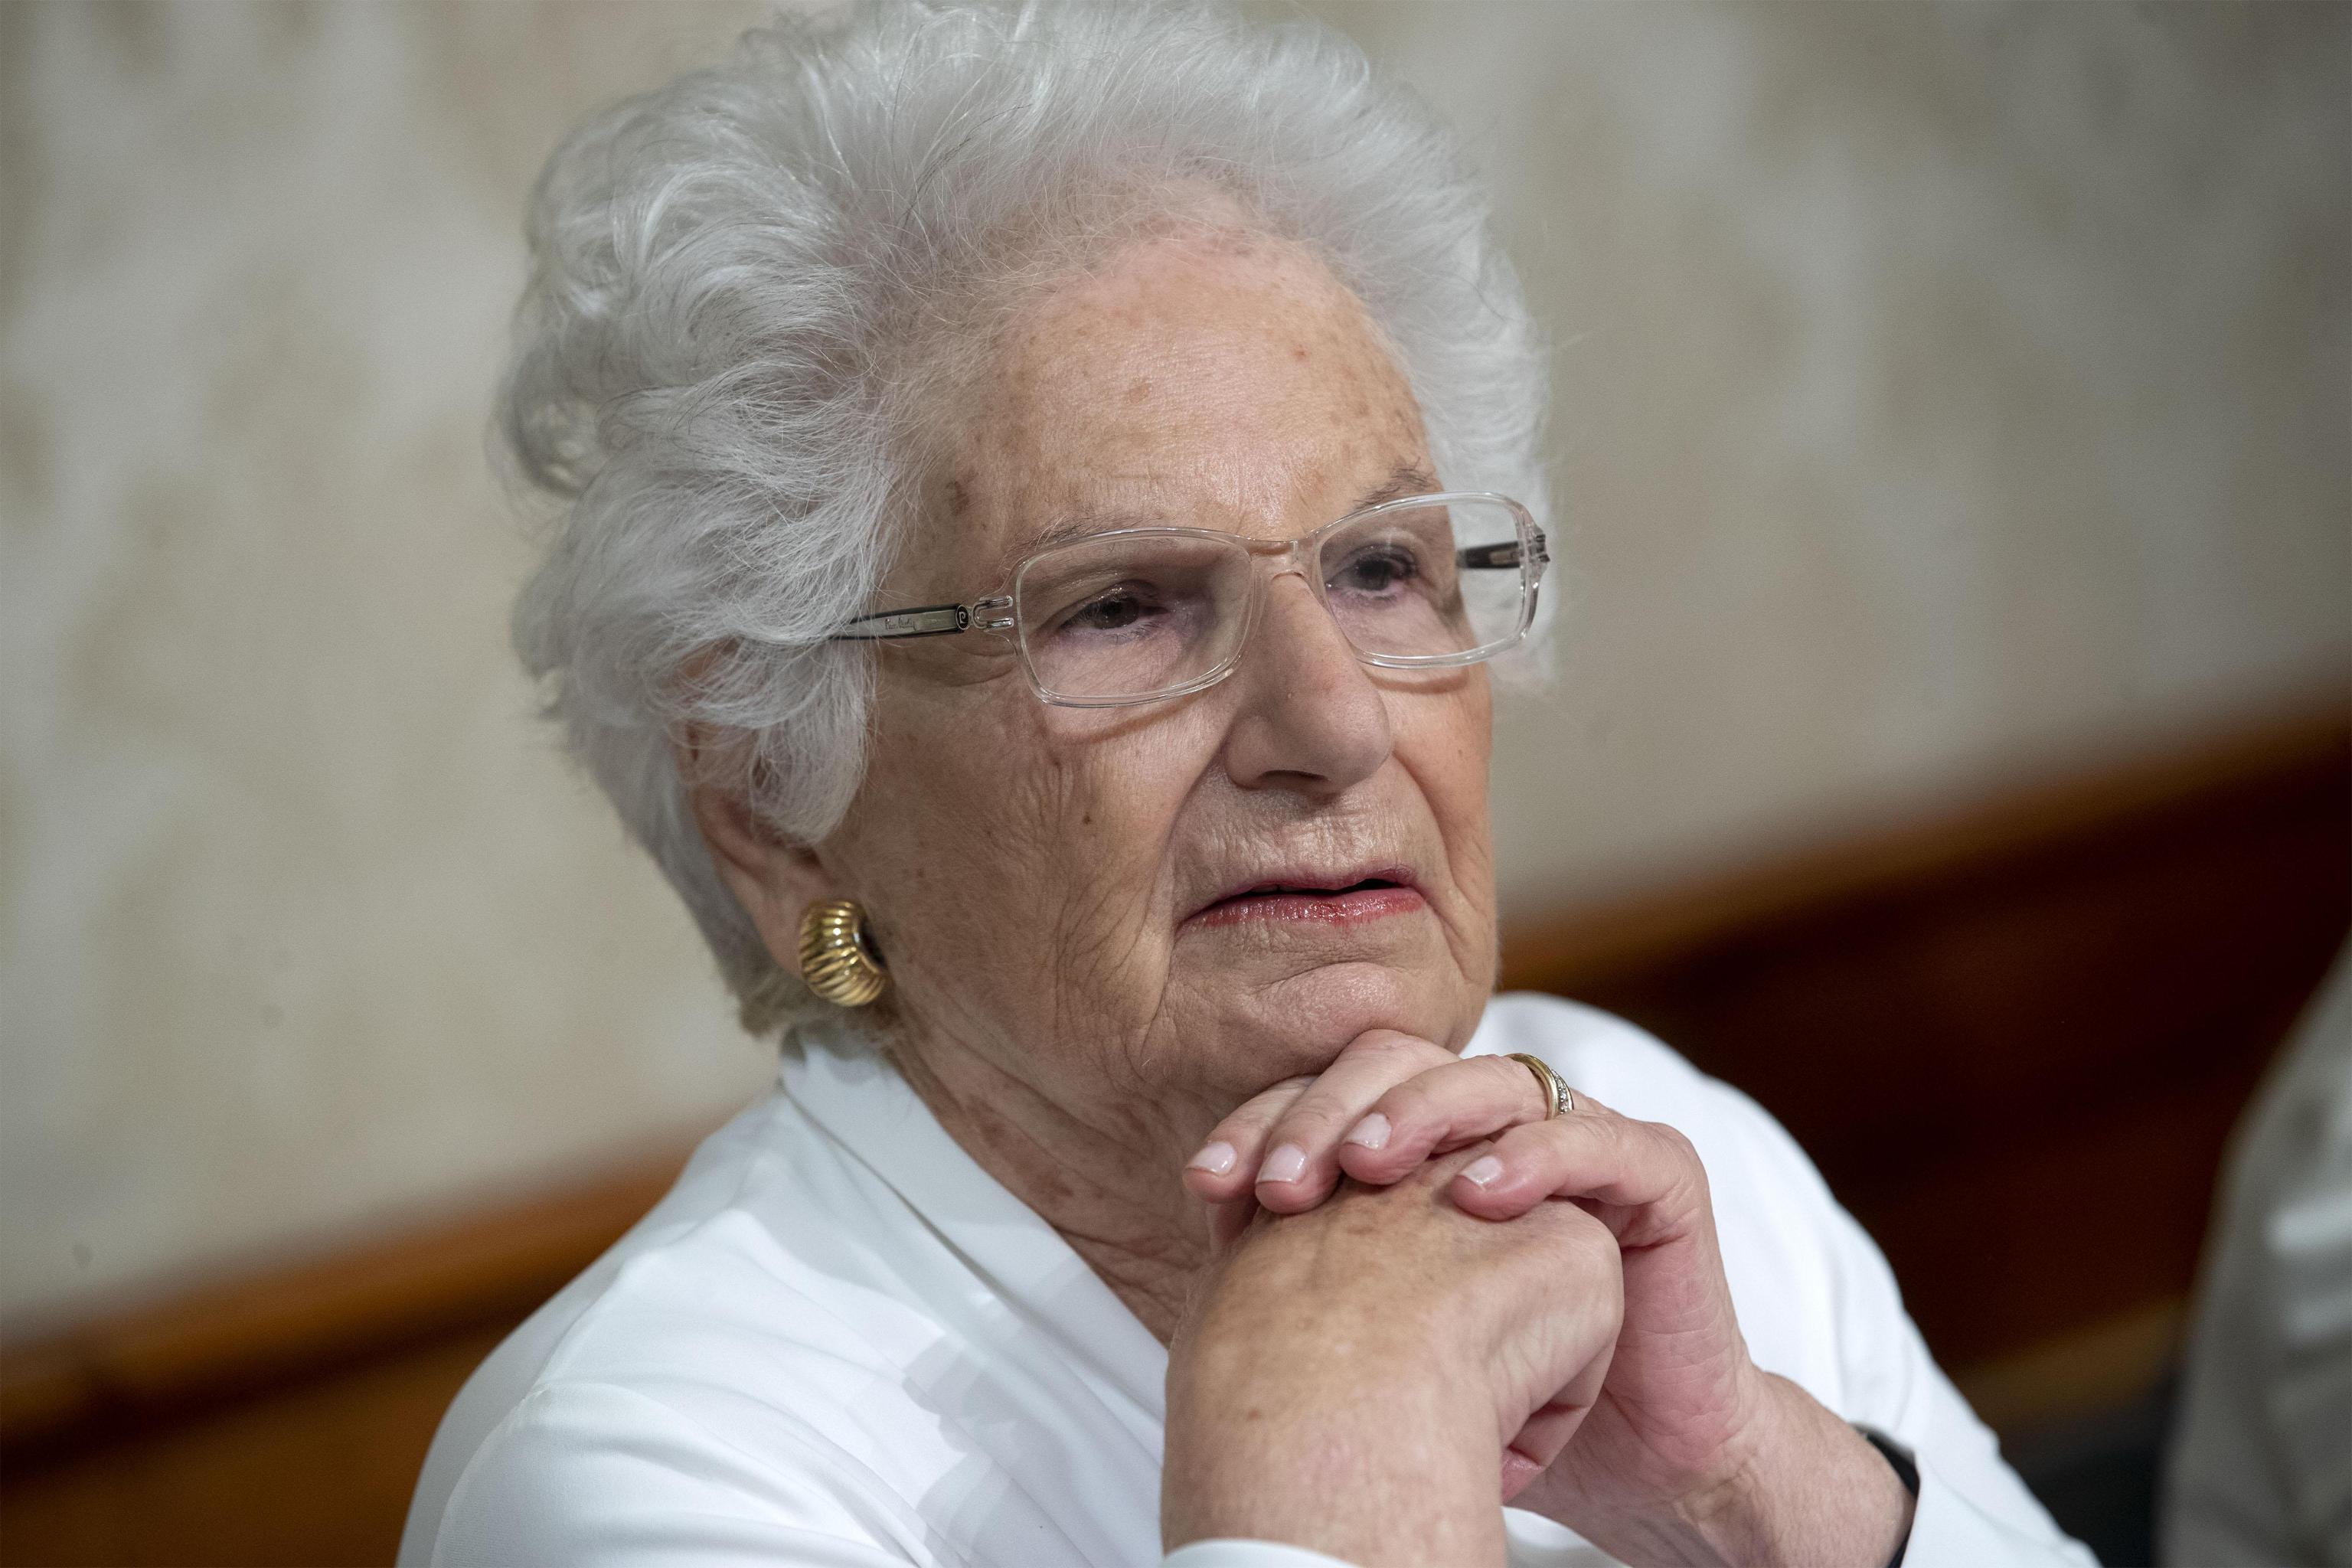 Liliana Segre risponde a Salvini: «I senatori non muoiono mai? Grazie, ho 90 anni e sono molto scaramantica»